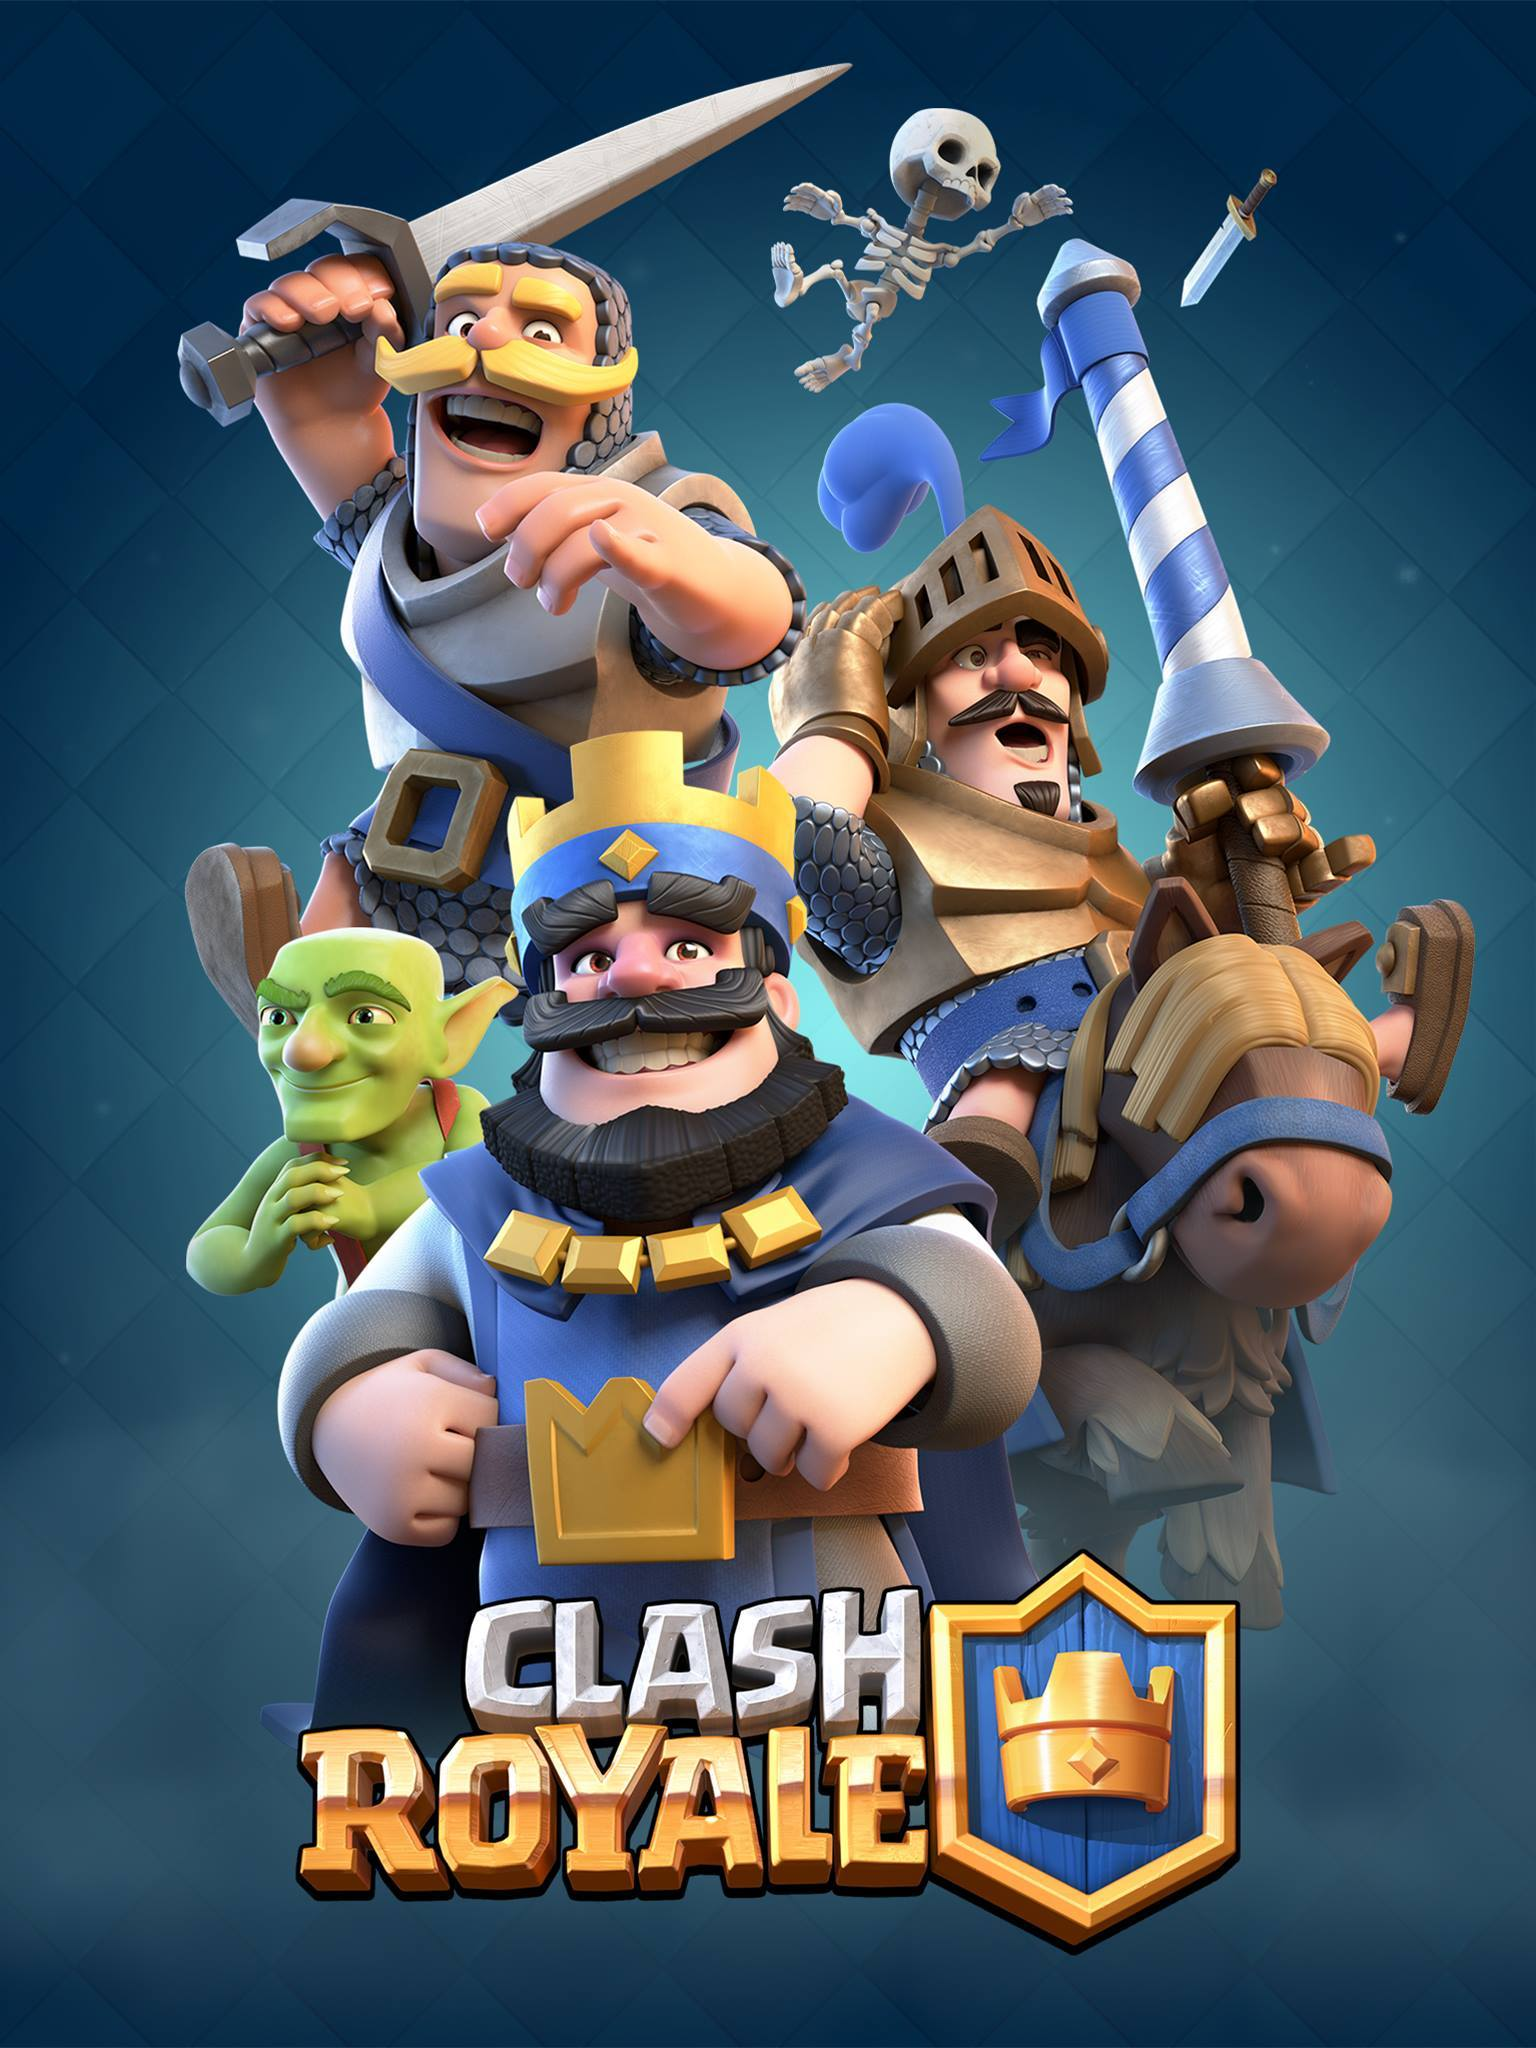 Les créateurs de Clash of Clans présentent leur nouveau jeu : Clash Royale